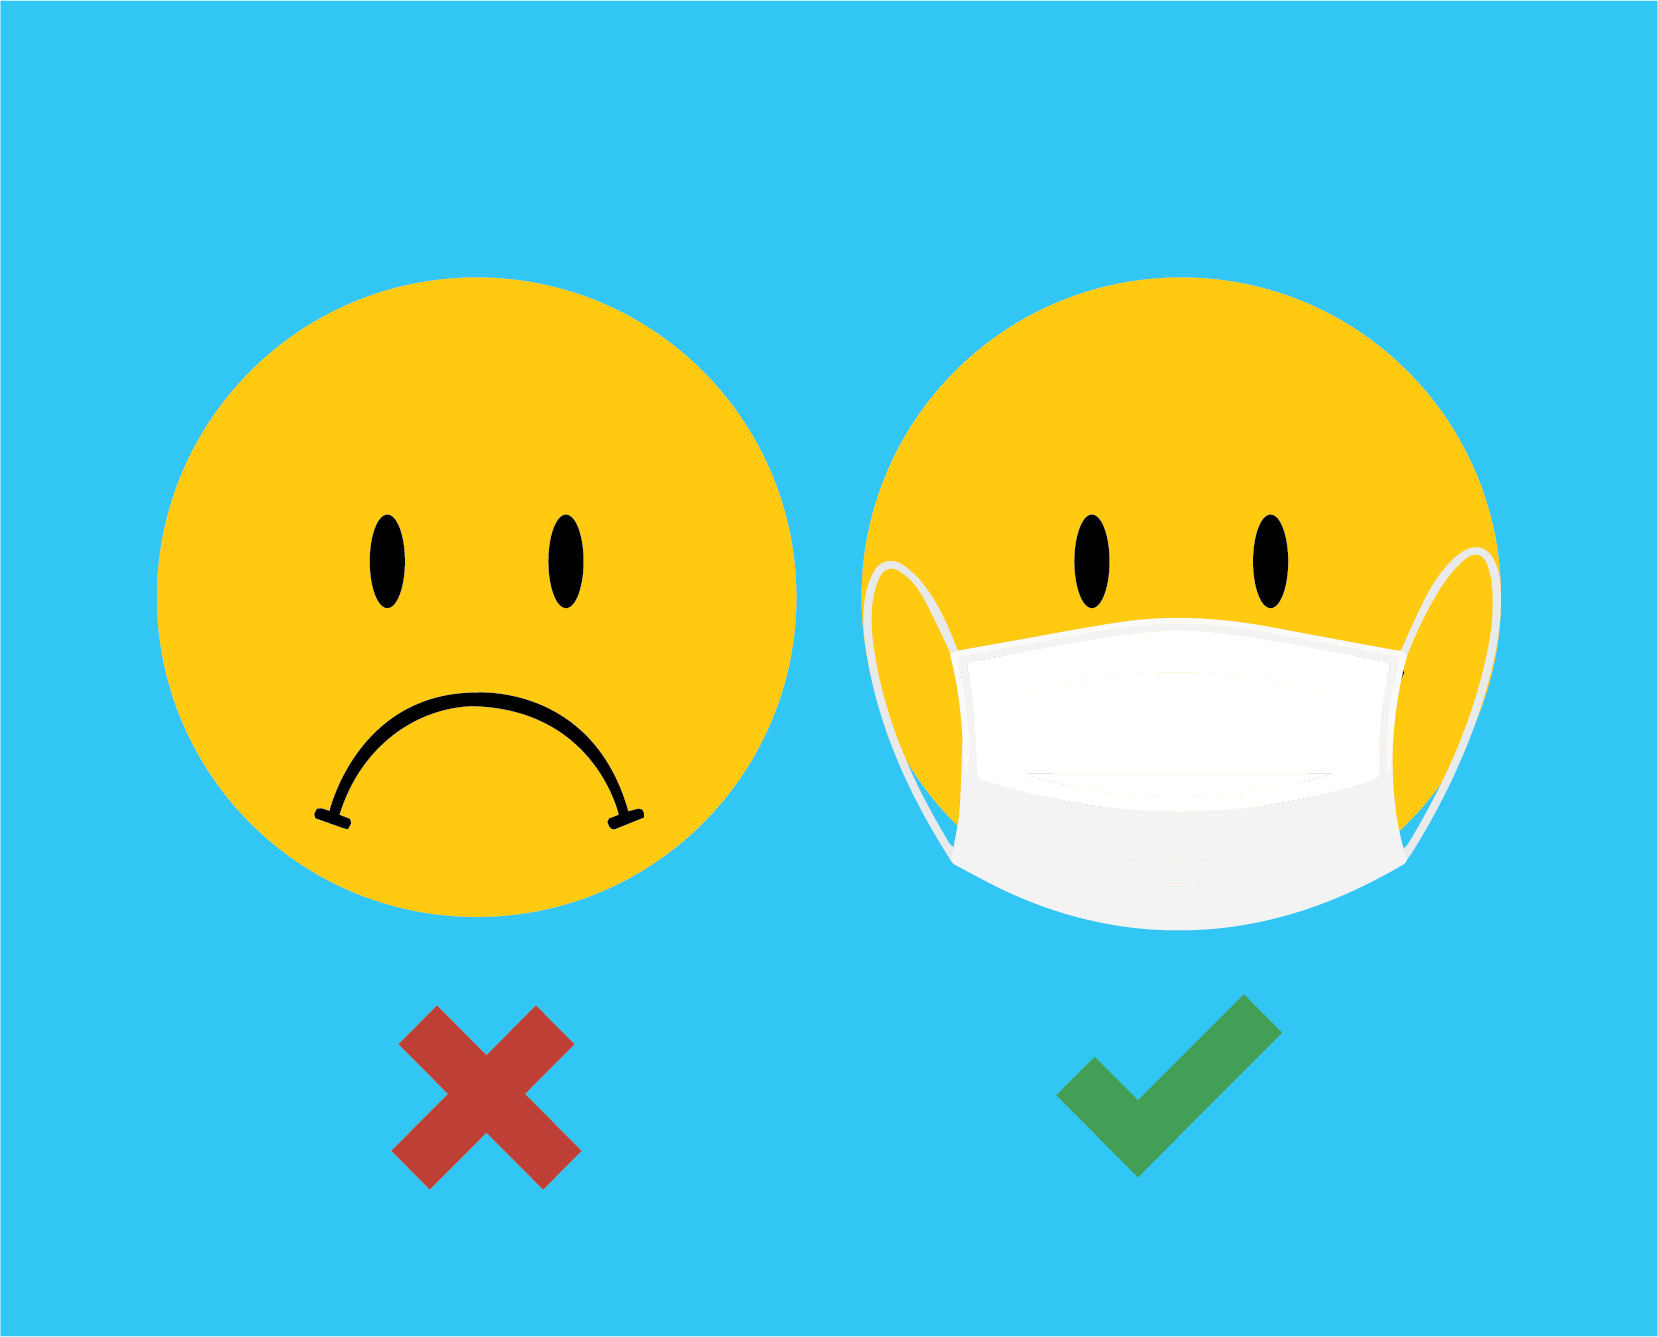 wear-a-mask-emoji